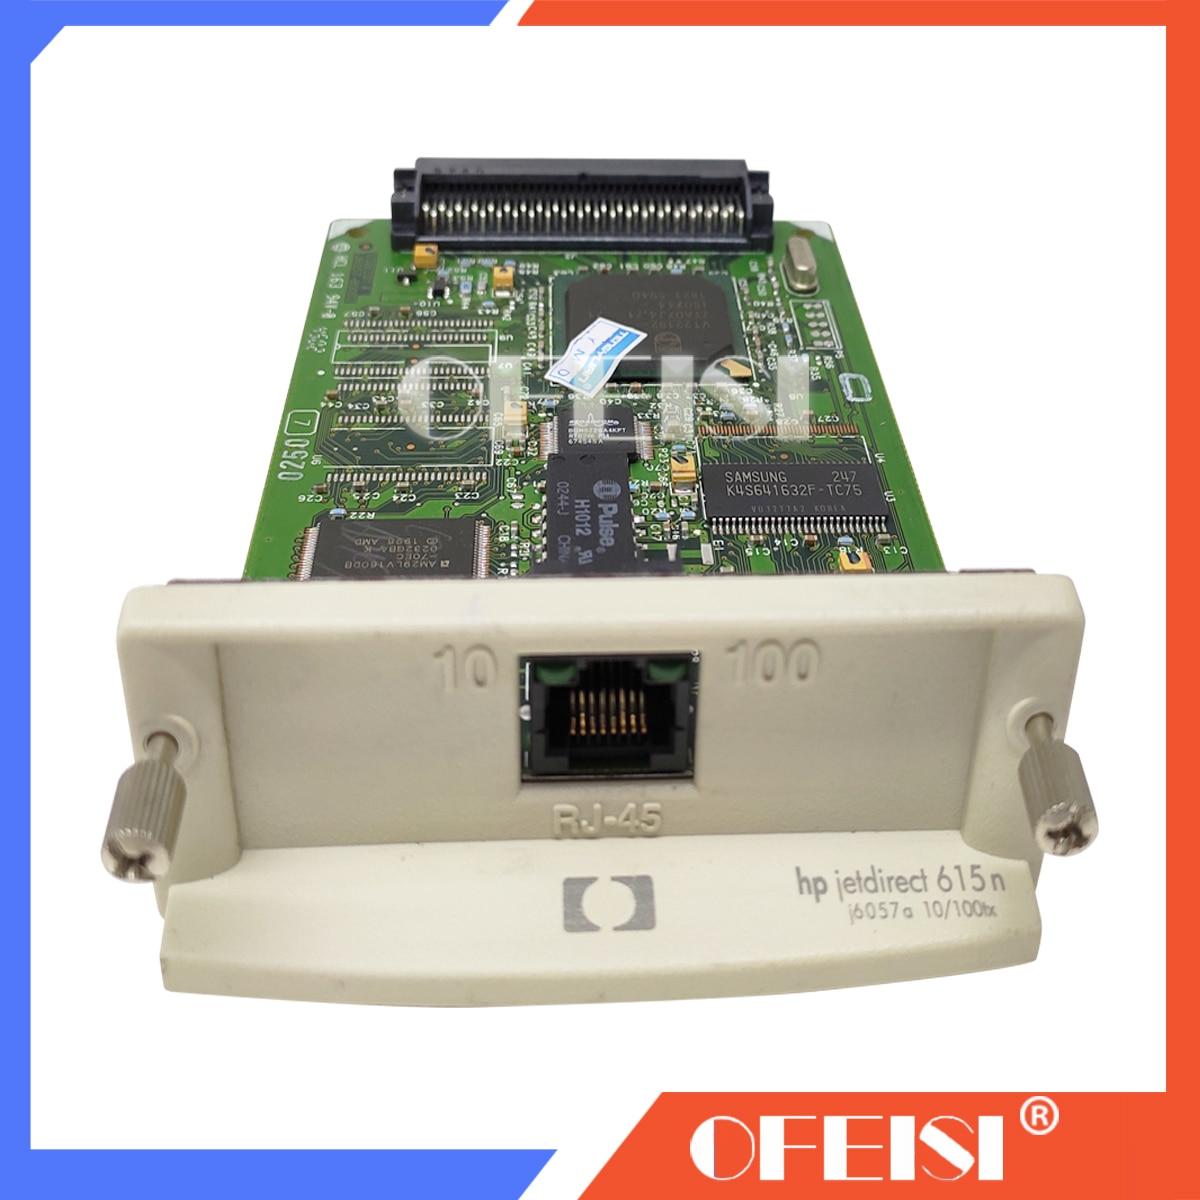 Original novo JetDirect 615N J6057A 10/100tx Ethernet Placa de Rede Do Servidor de Impressão Interno para hp impressora DesignJet de Impressora Plotter